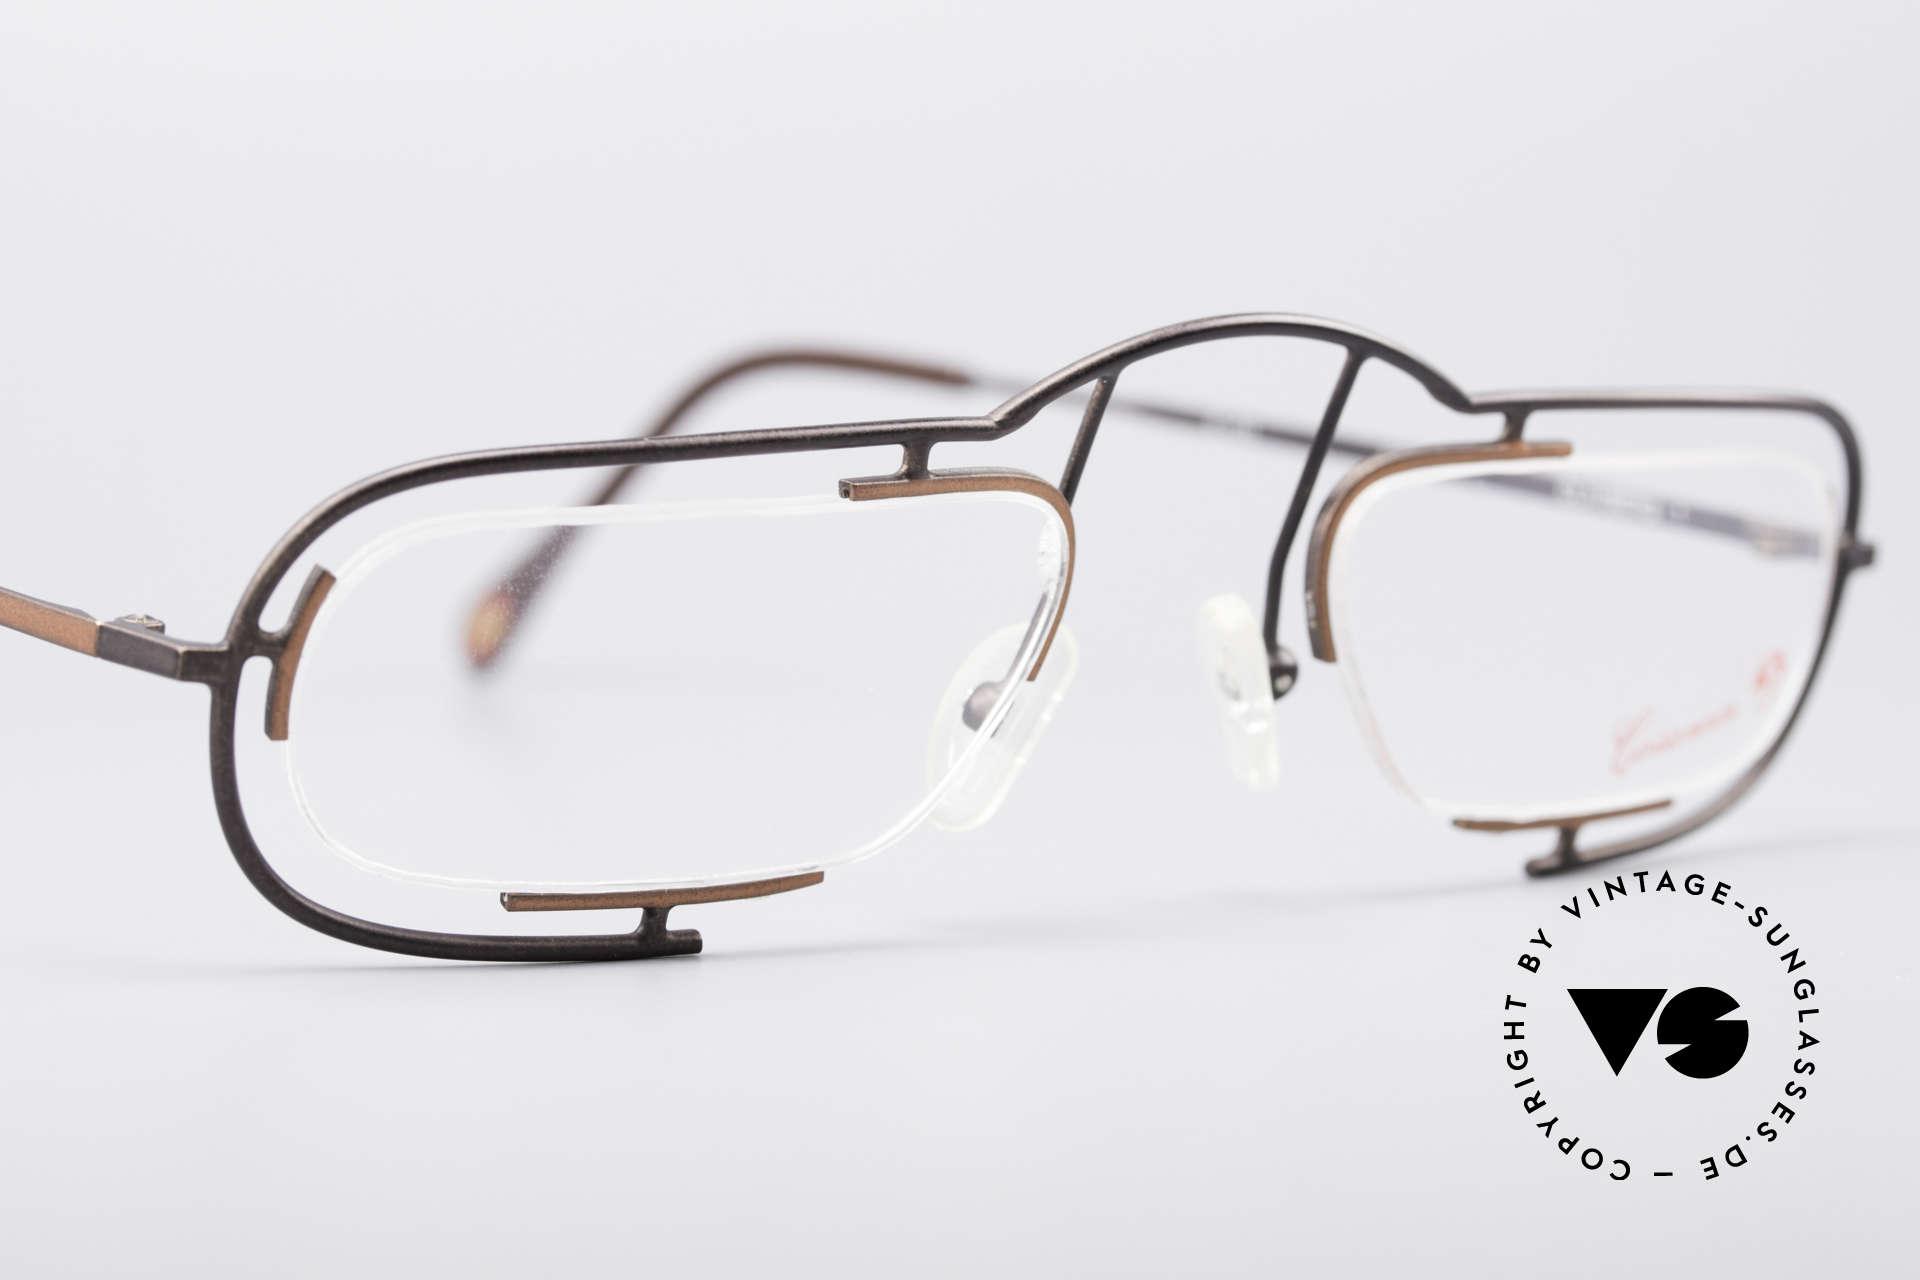 Casanova Clayberg Seltene Vintage Brille 80er, KEINE RETROBRILLE, sondern ein 80er ORIGINAL, Passend für Herren und Damen